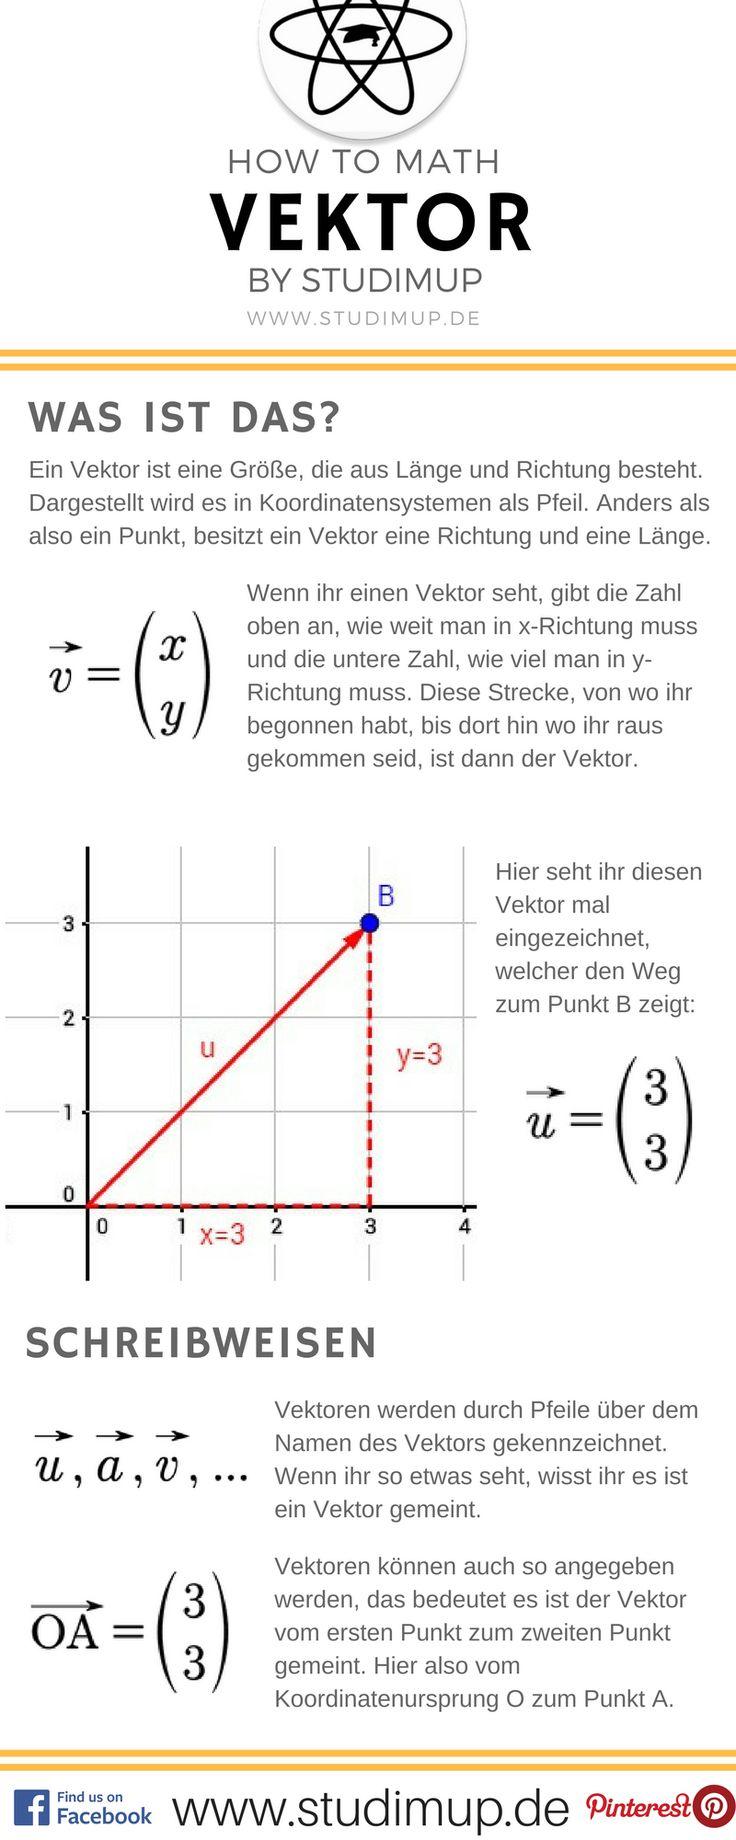 Der Vektor einfach in einem Spickzettel Erklärt. Studimup hilft euch kostenlos in Mathe!